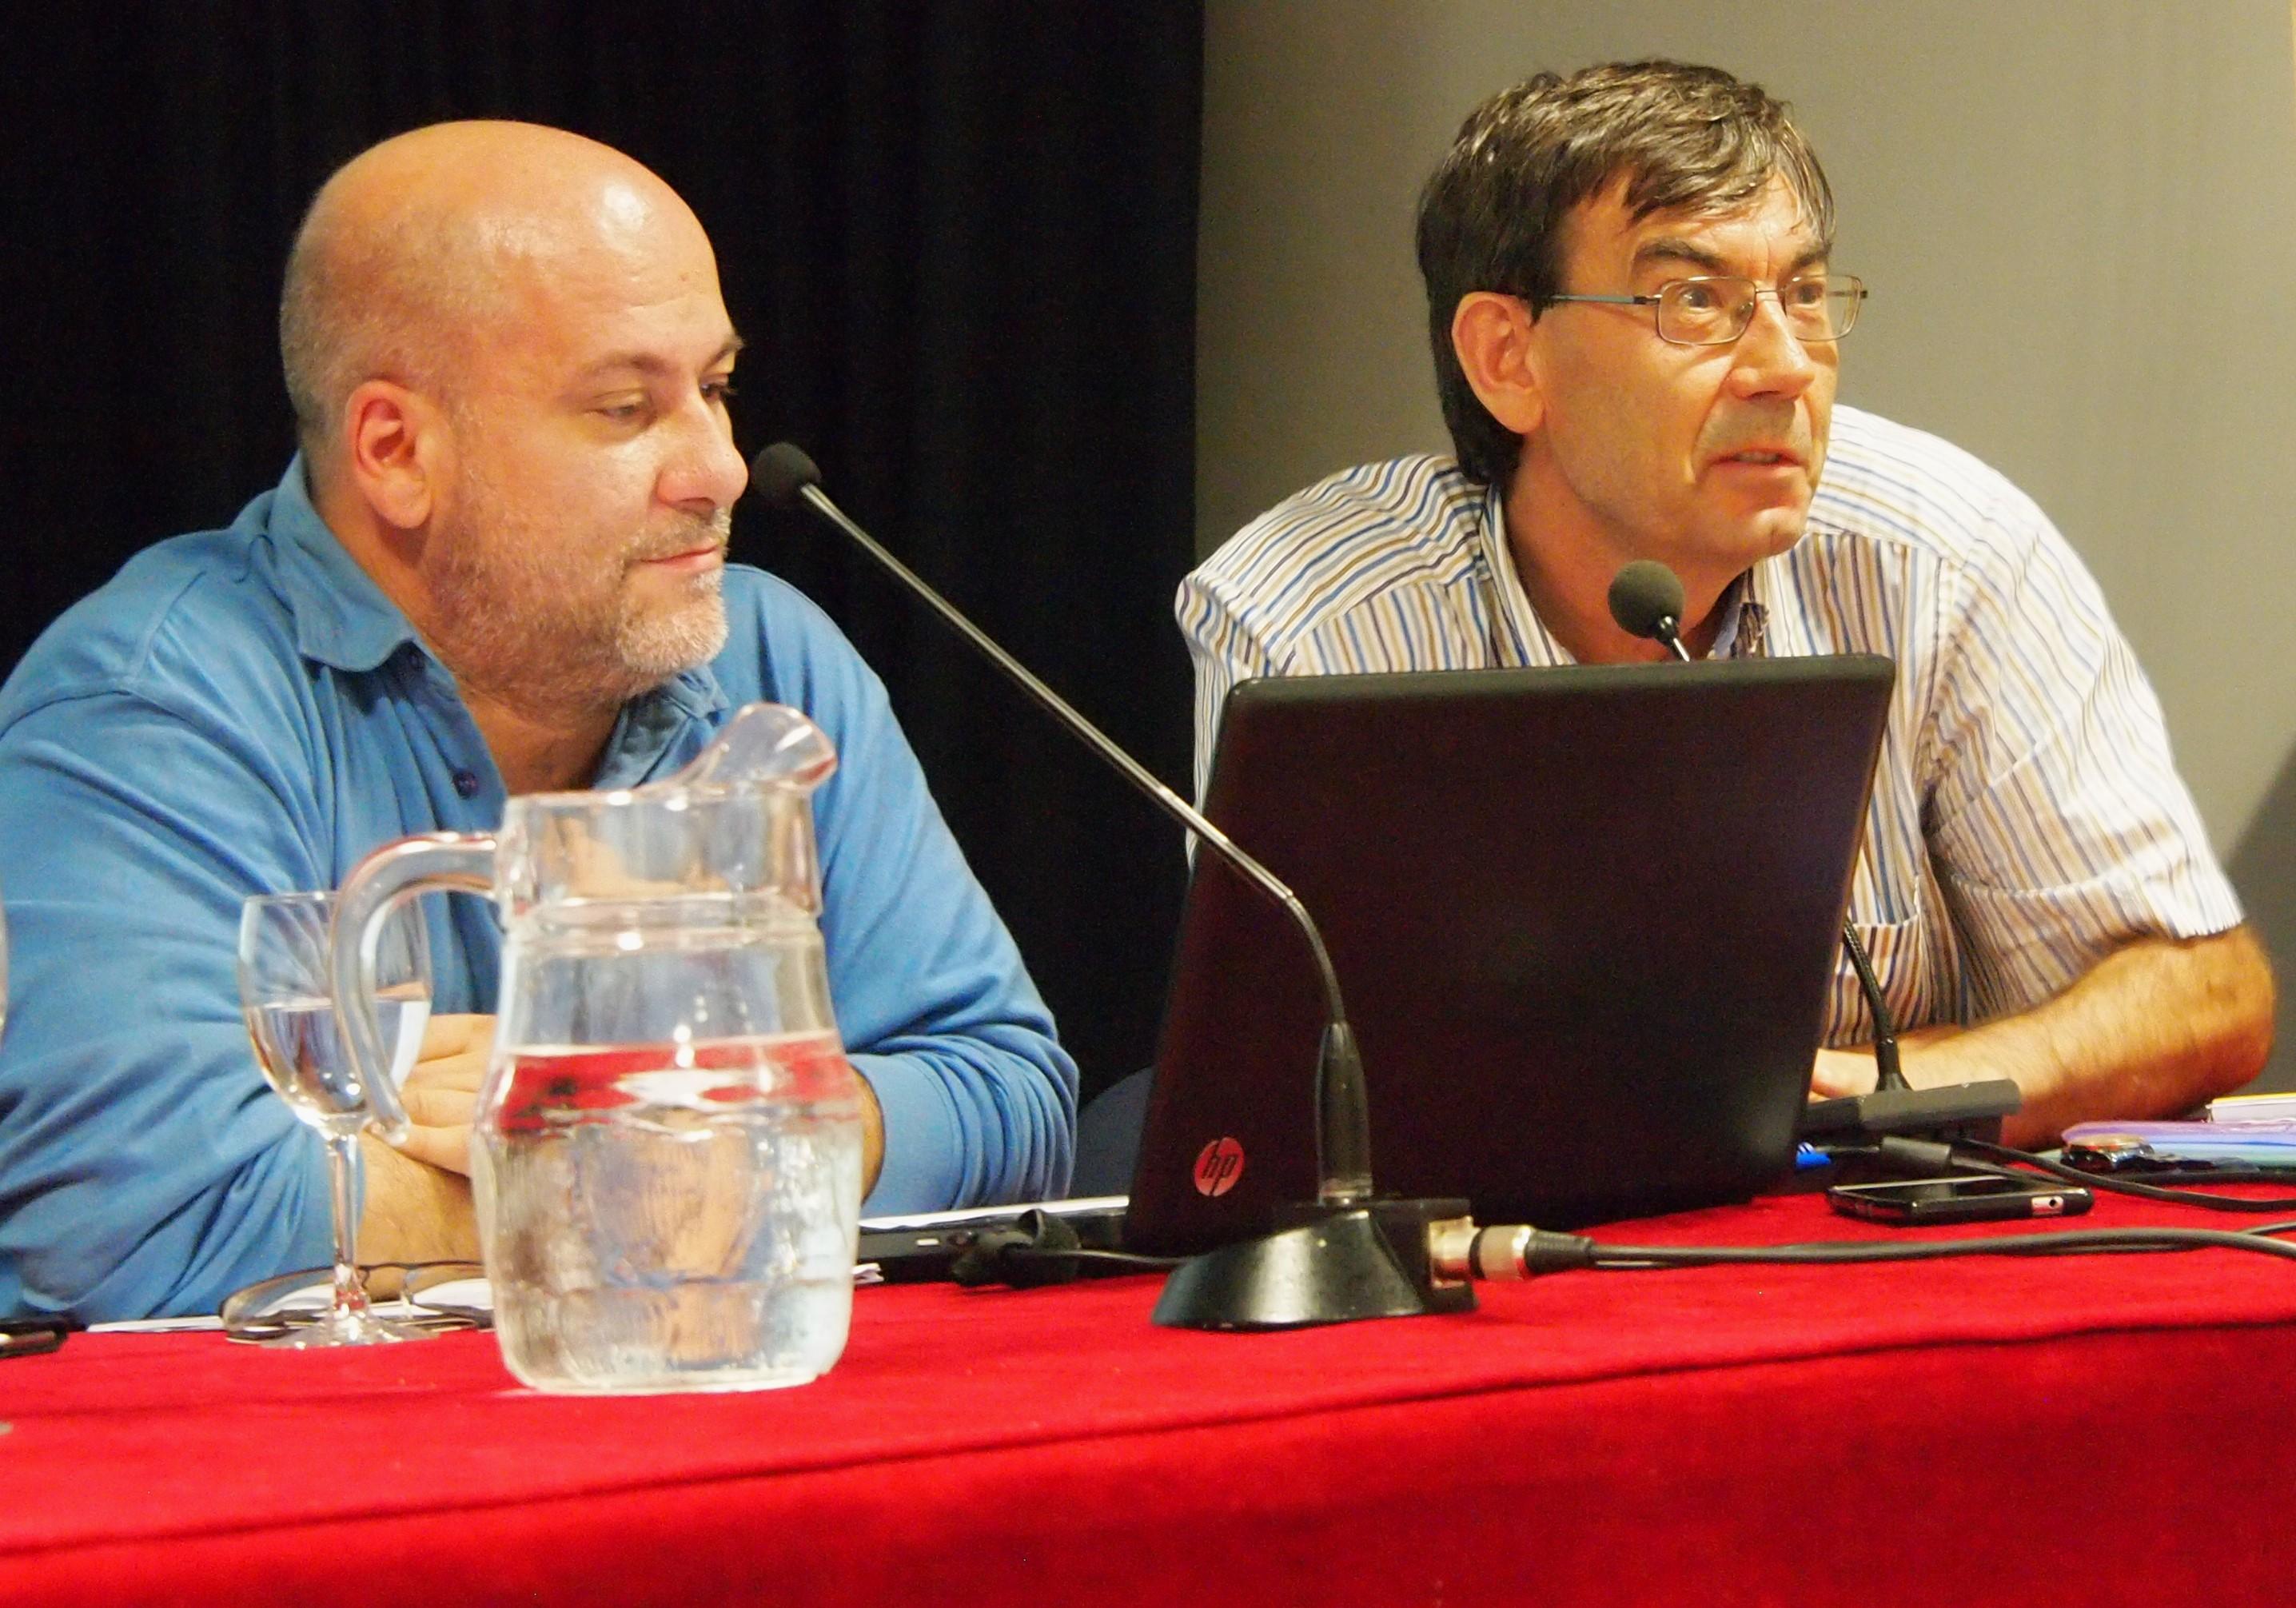 Dr. Juan Antonio Vicente Vírseda y Dr. Mauricio Beltrán Pascual - Conferencia Big Data y Data Science: la nueva realidad (Ateneo de Madrid, 2 de octubre del 2017)